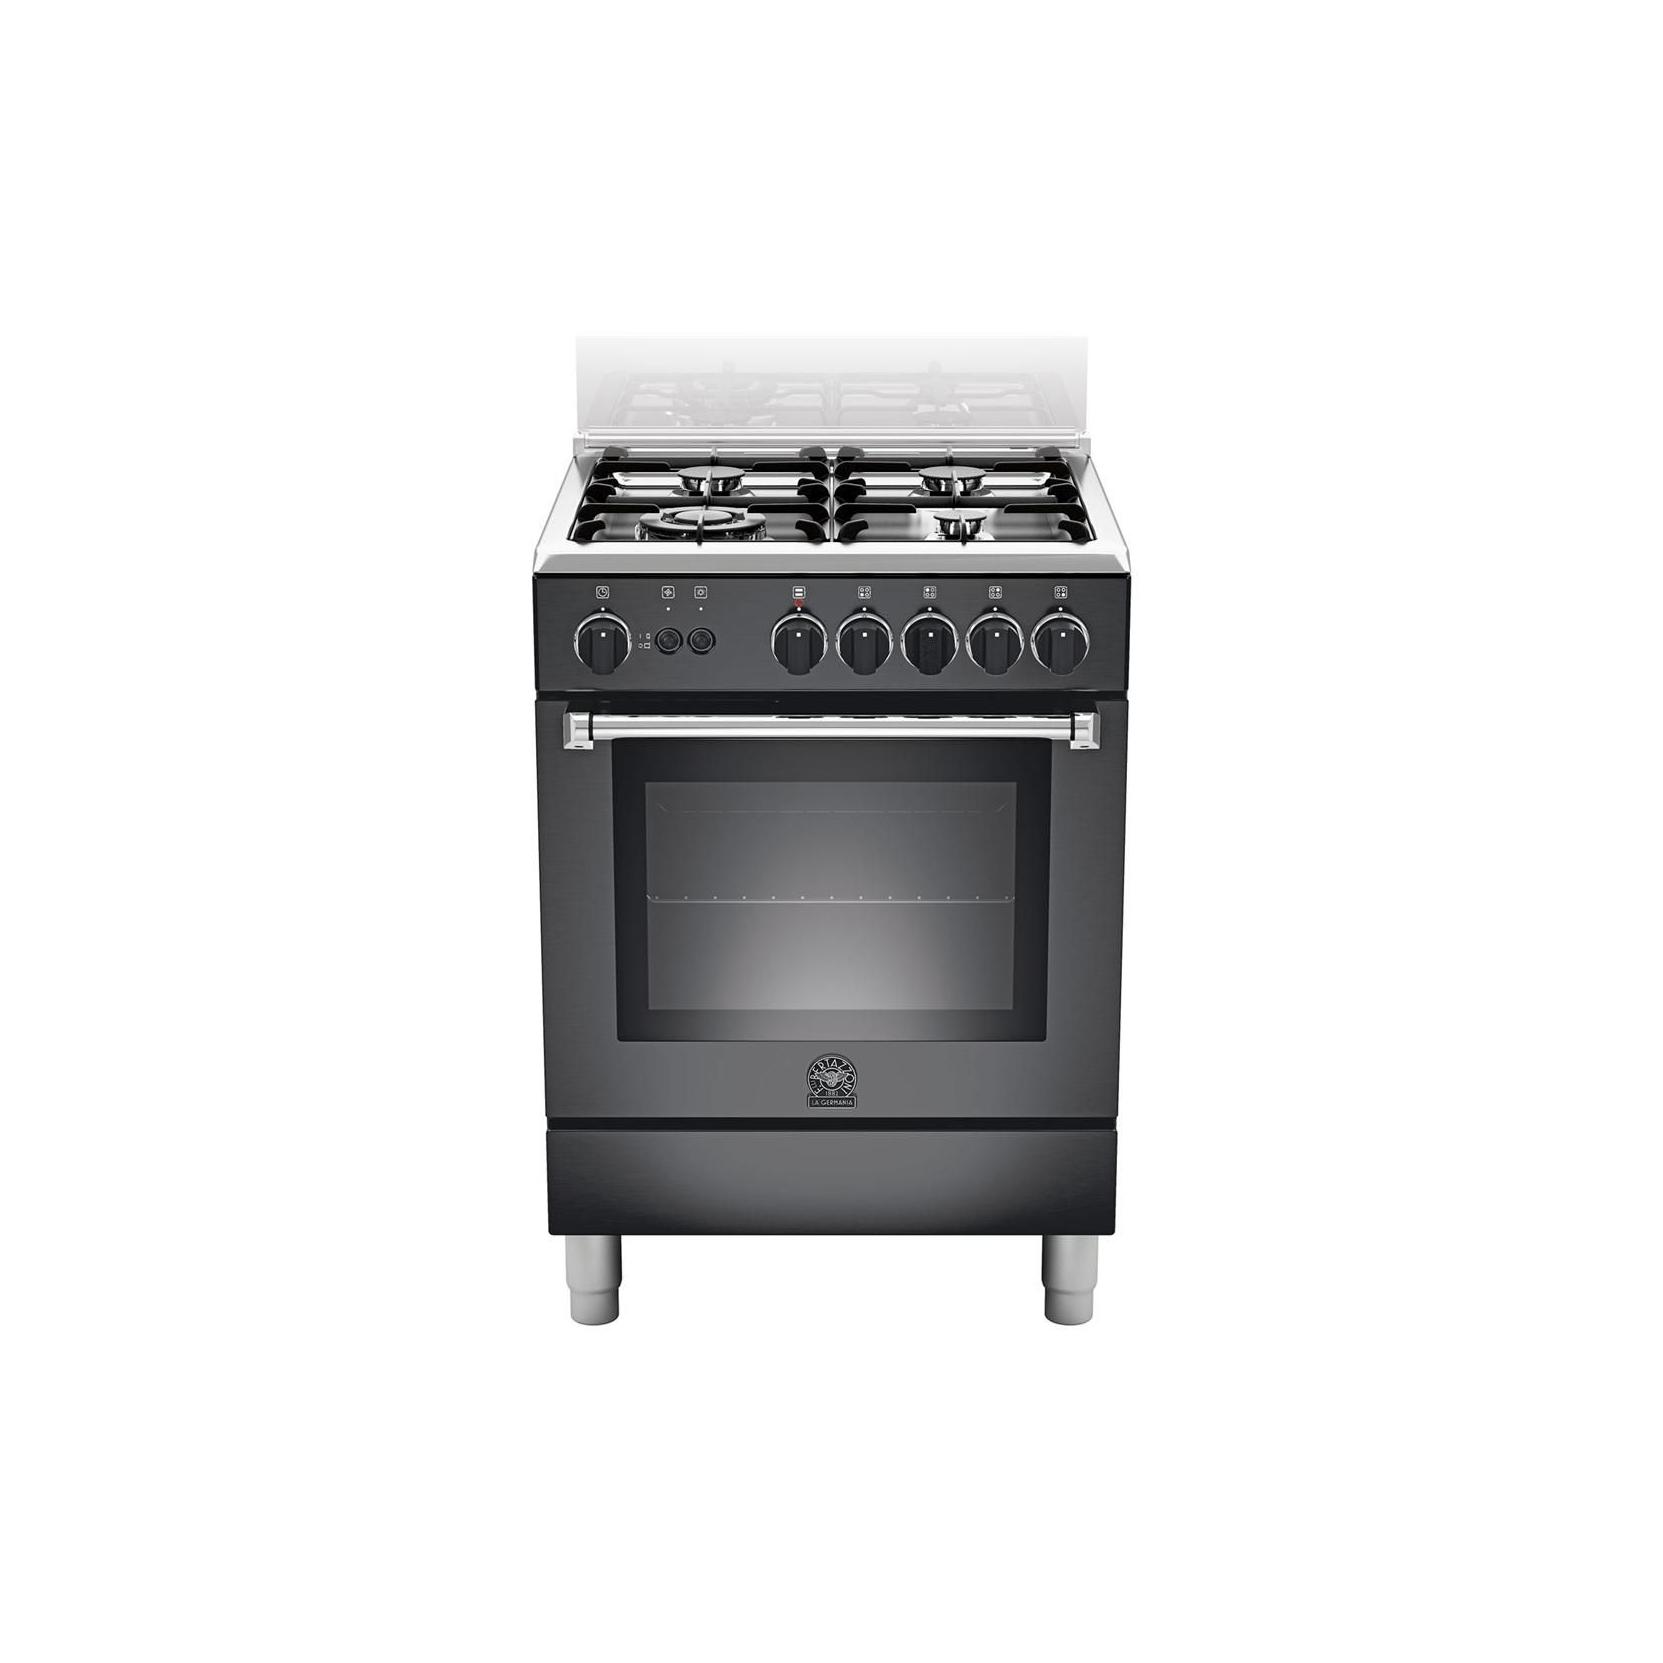 Cucina la germania am64c71cne 60x60 colore nero 4 fuochi a gas forno a gas ventilato - Cucina forno a gas ...